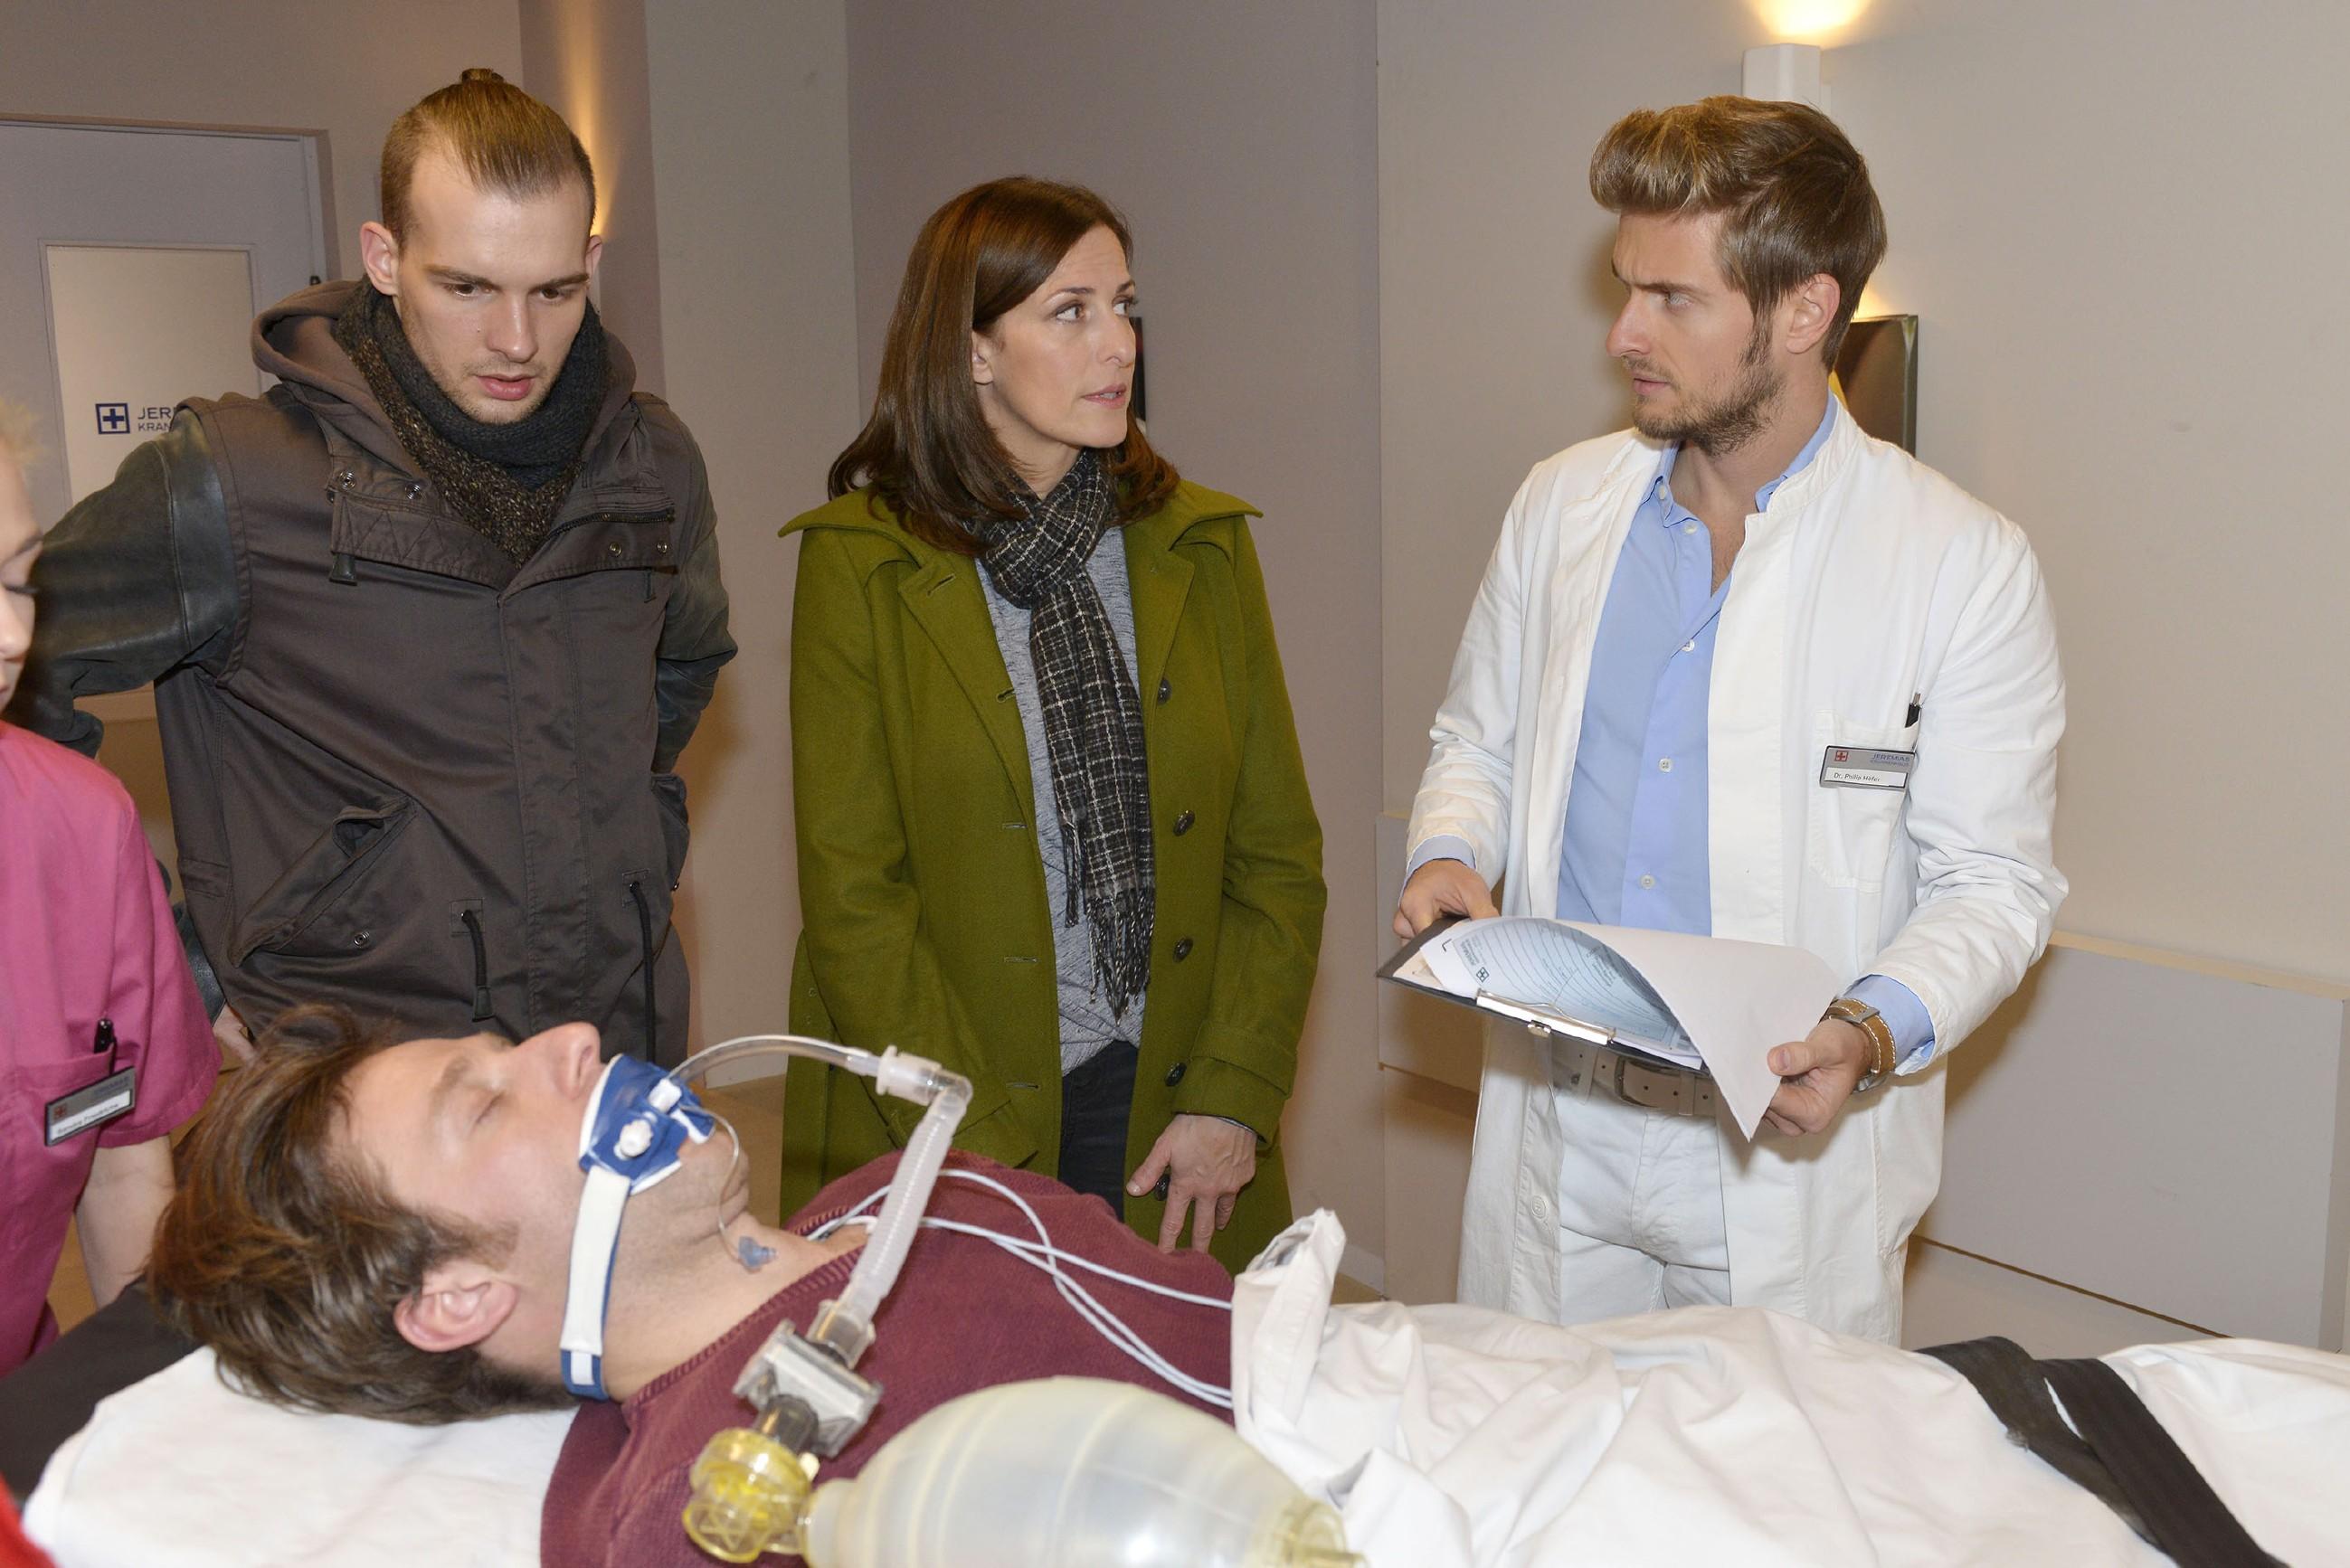 Chris (Eric Stehfest, l.) und Katrin (Ulrike Frank) begleiten Till (Merlin Leonhardt, vorne) nach seinem Zusammenbruch ins Krankenhaus und hoffen, dass Philip (Jörn Schlönvoigt) und die Ärzte ihm helfen können. (Quelle: RTL / Rolf Baumgartner)